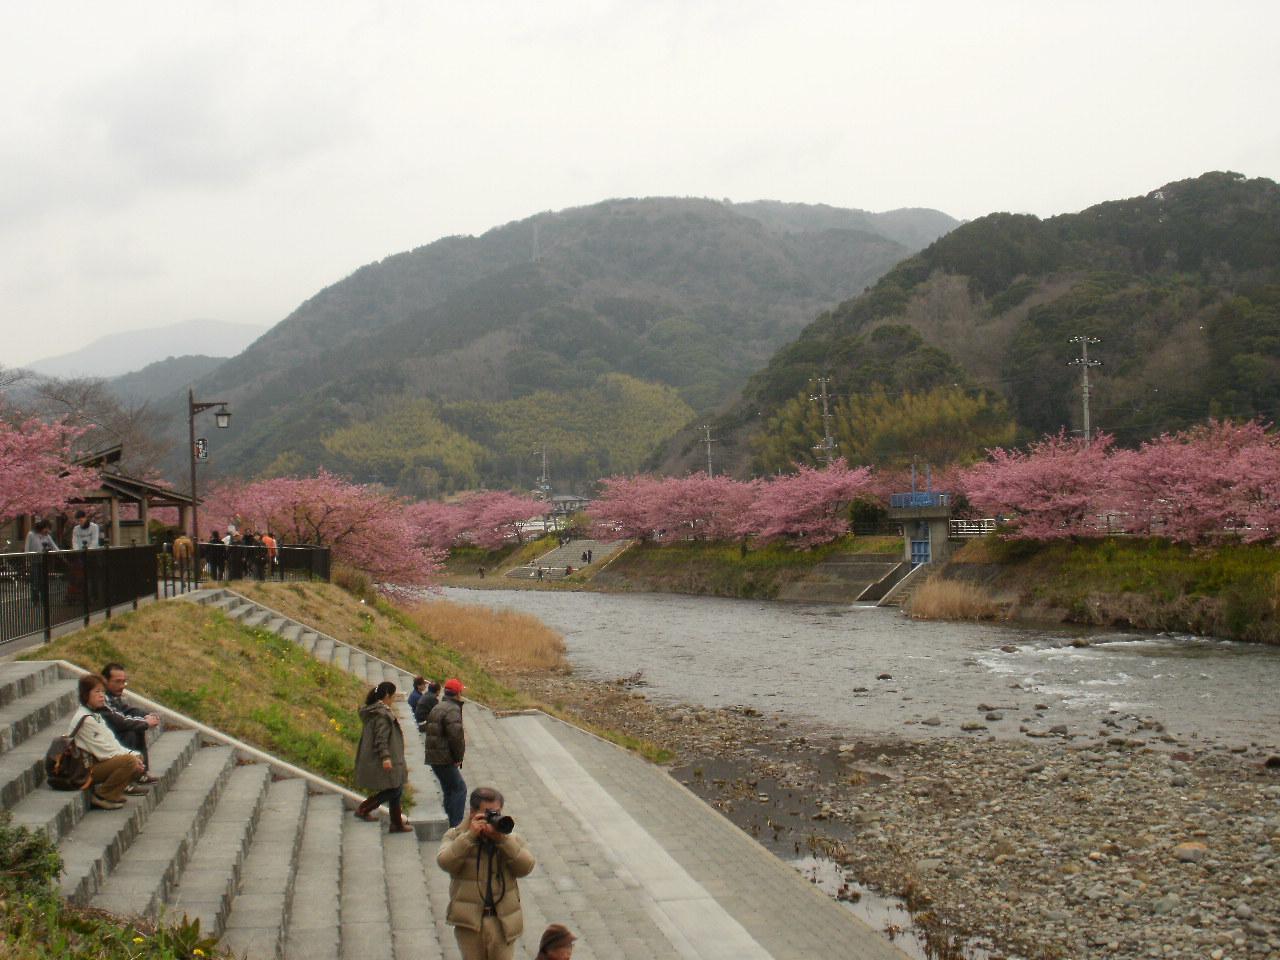 今日は母と一緒に河津桜を堪能しました♪_f0095325_23184159.jpg